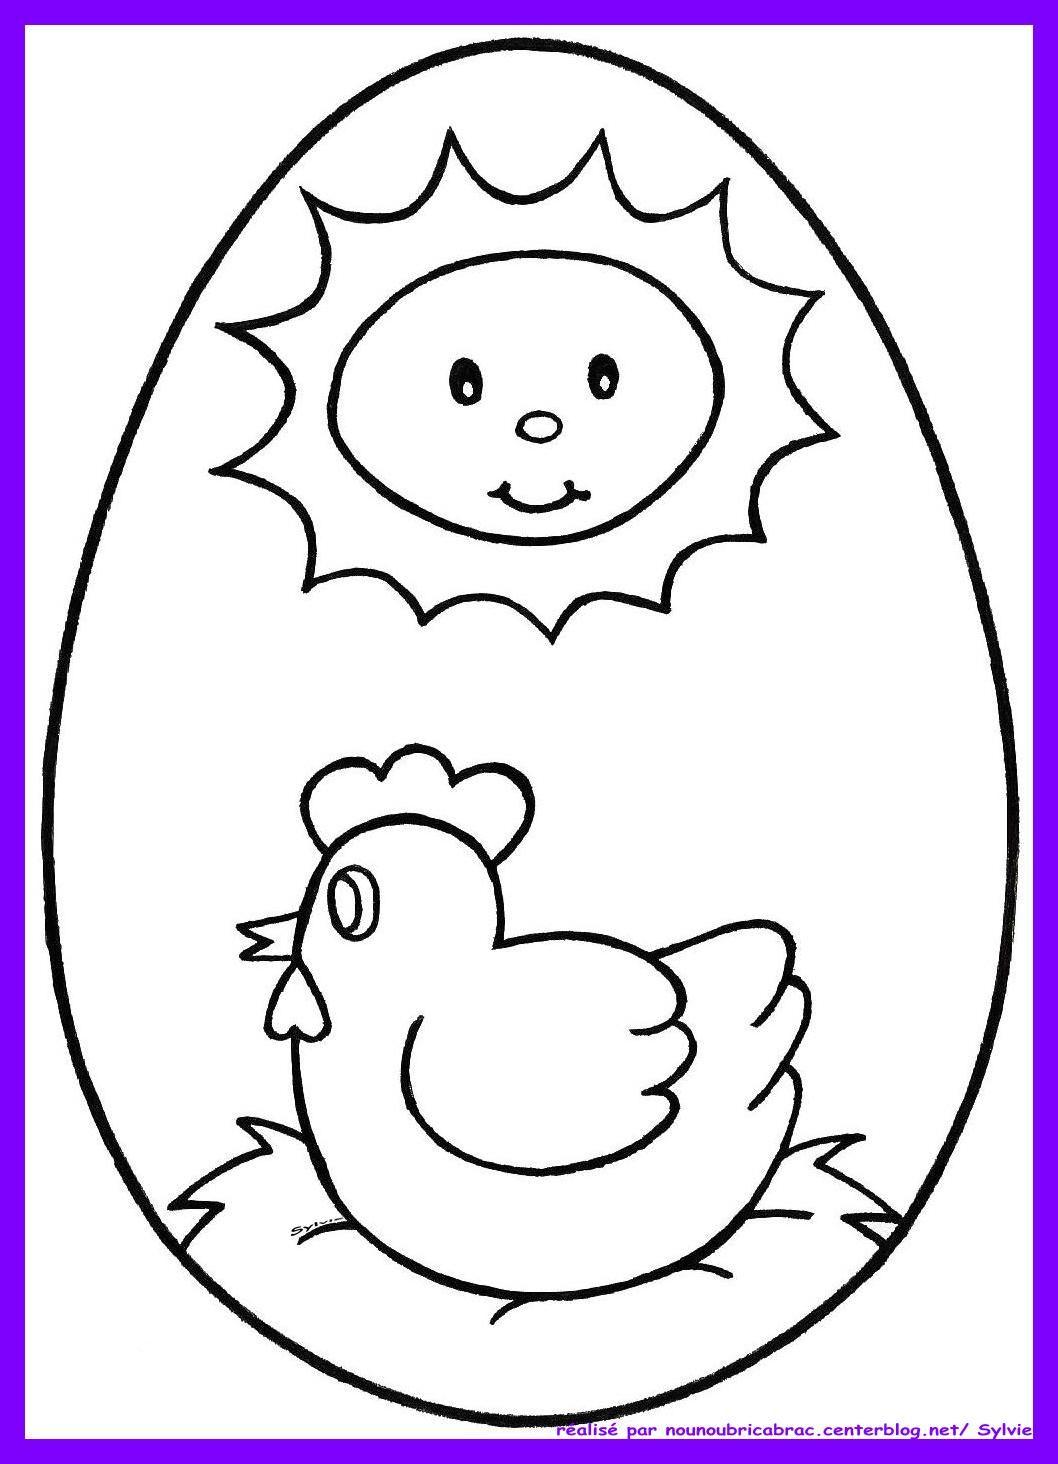 Oeuf de p ques poule sur son nid colorier p ques pinterest coloriage paques - Oeuf de paques a colorier ...